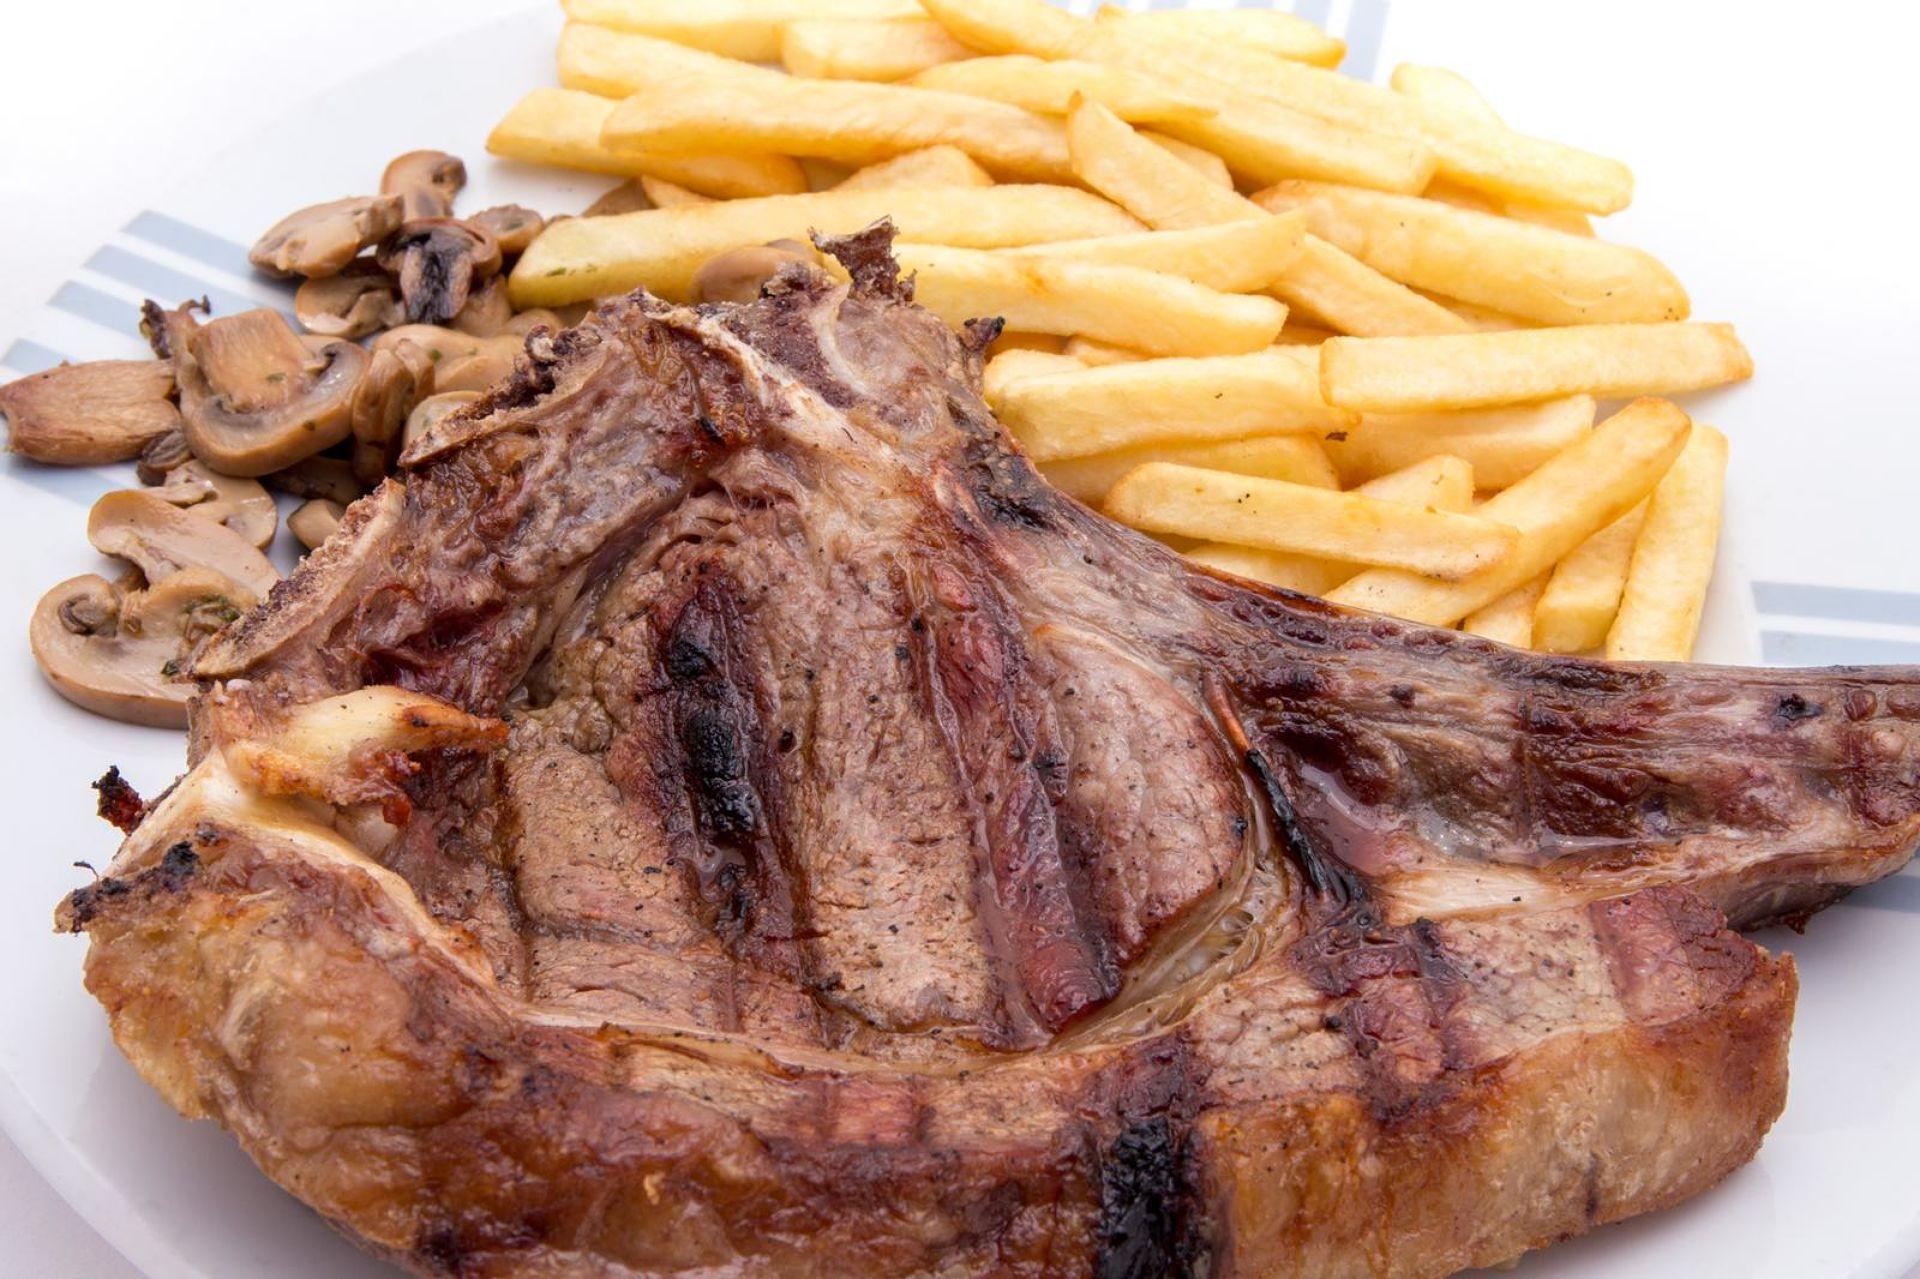 c3cb3-restaurant-el-toro-lloret-9.jpeg